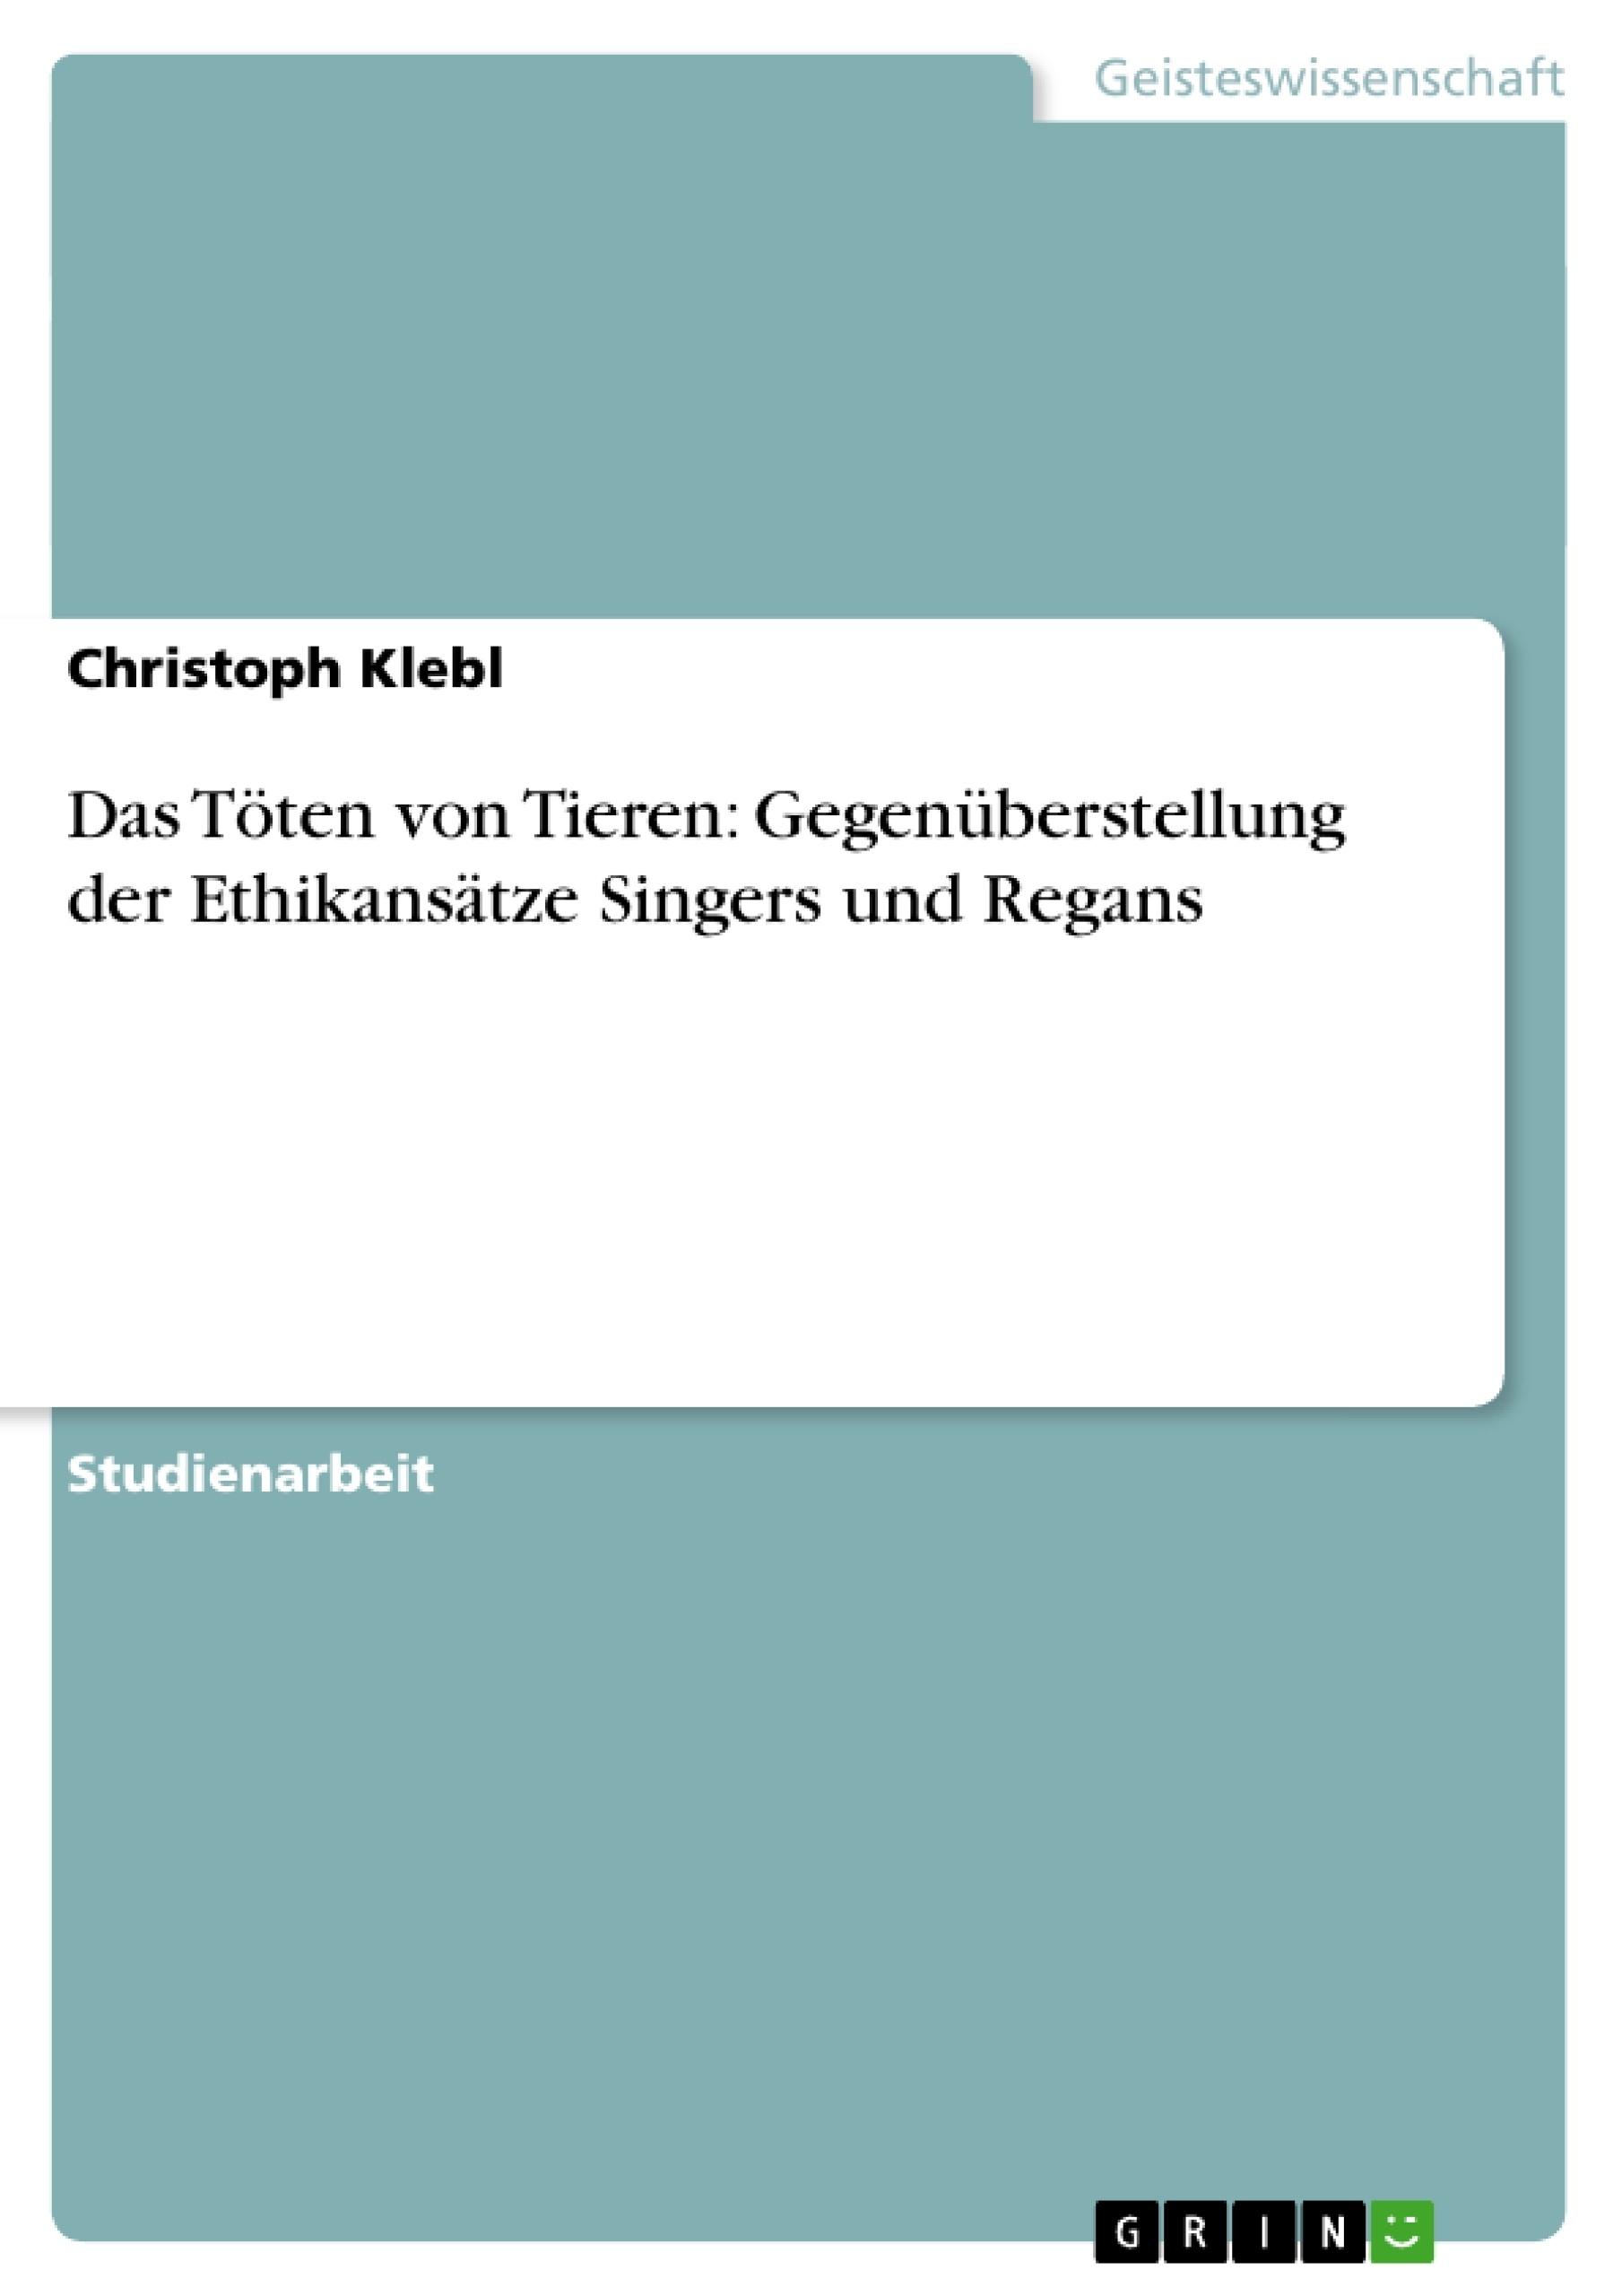 Titel: Das Töten von Tieren: Gegenüberstellung der Ethikansätze Singers und Regans